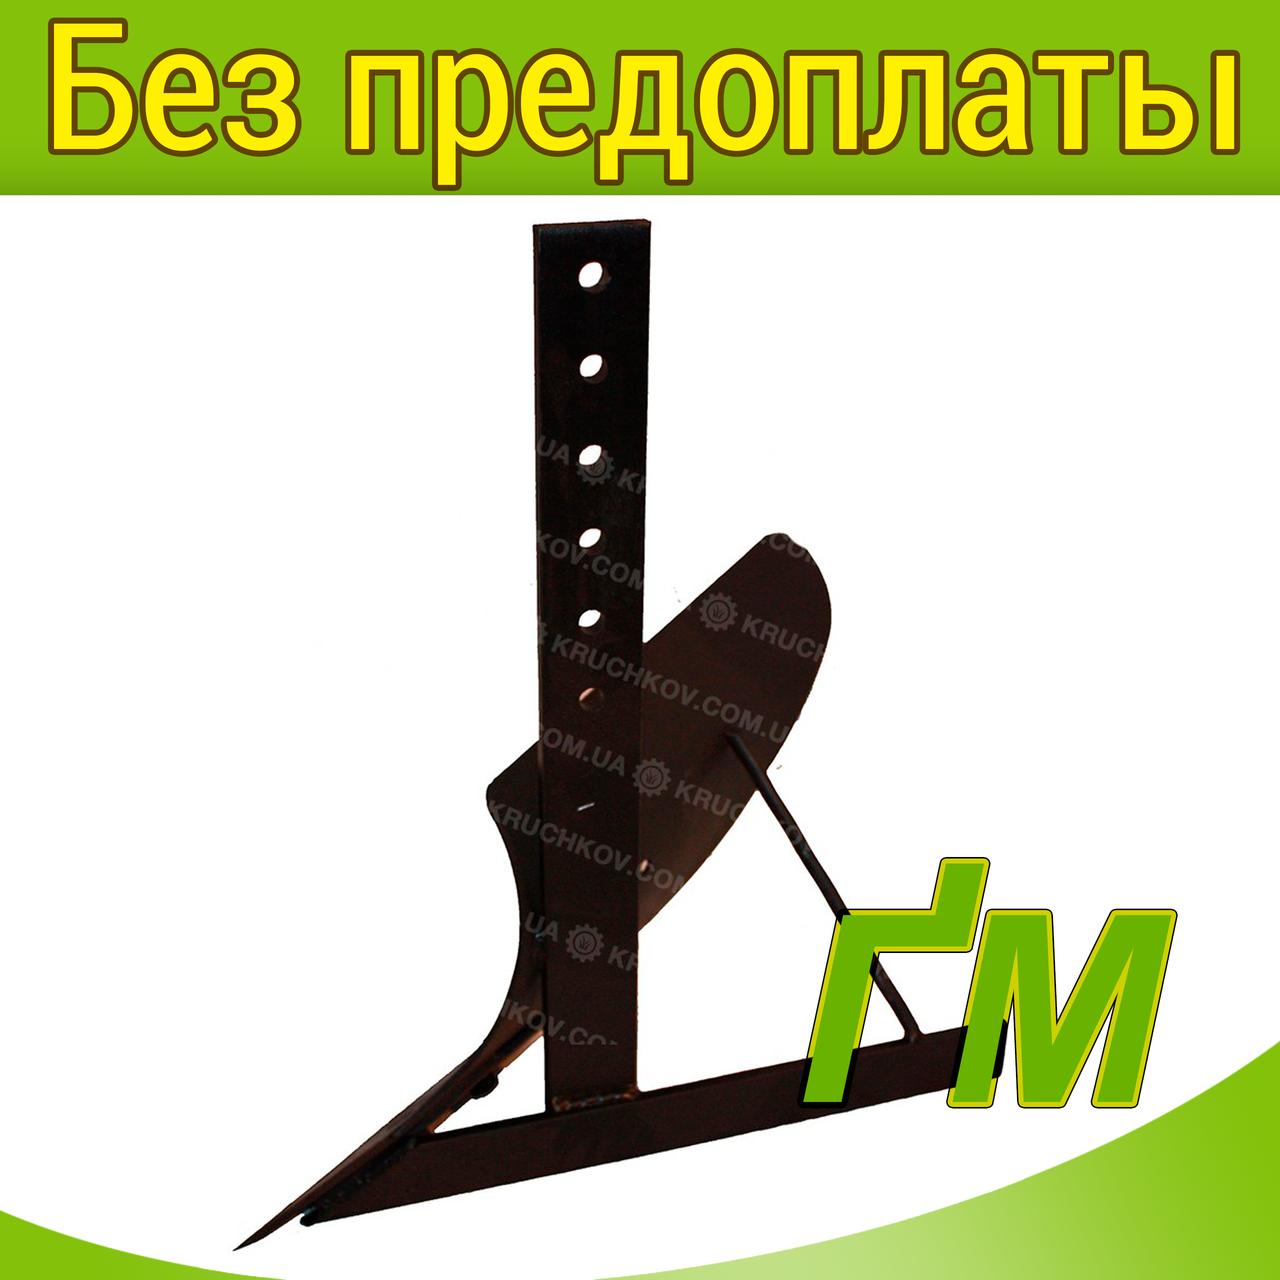 Плуг для мотокультиватора со съемным лемехом (ПЛ2)